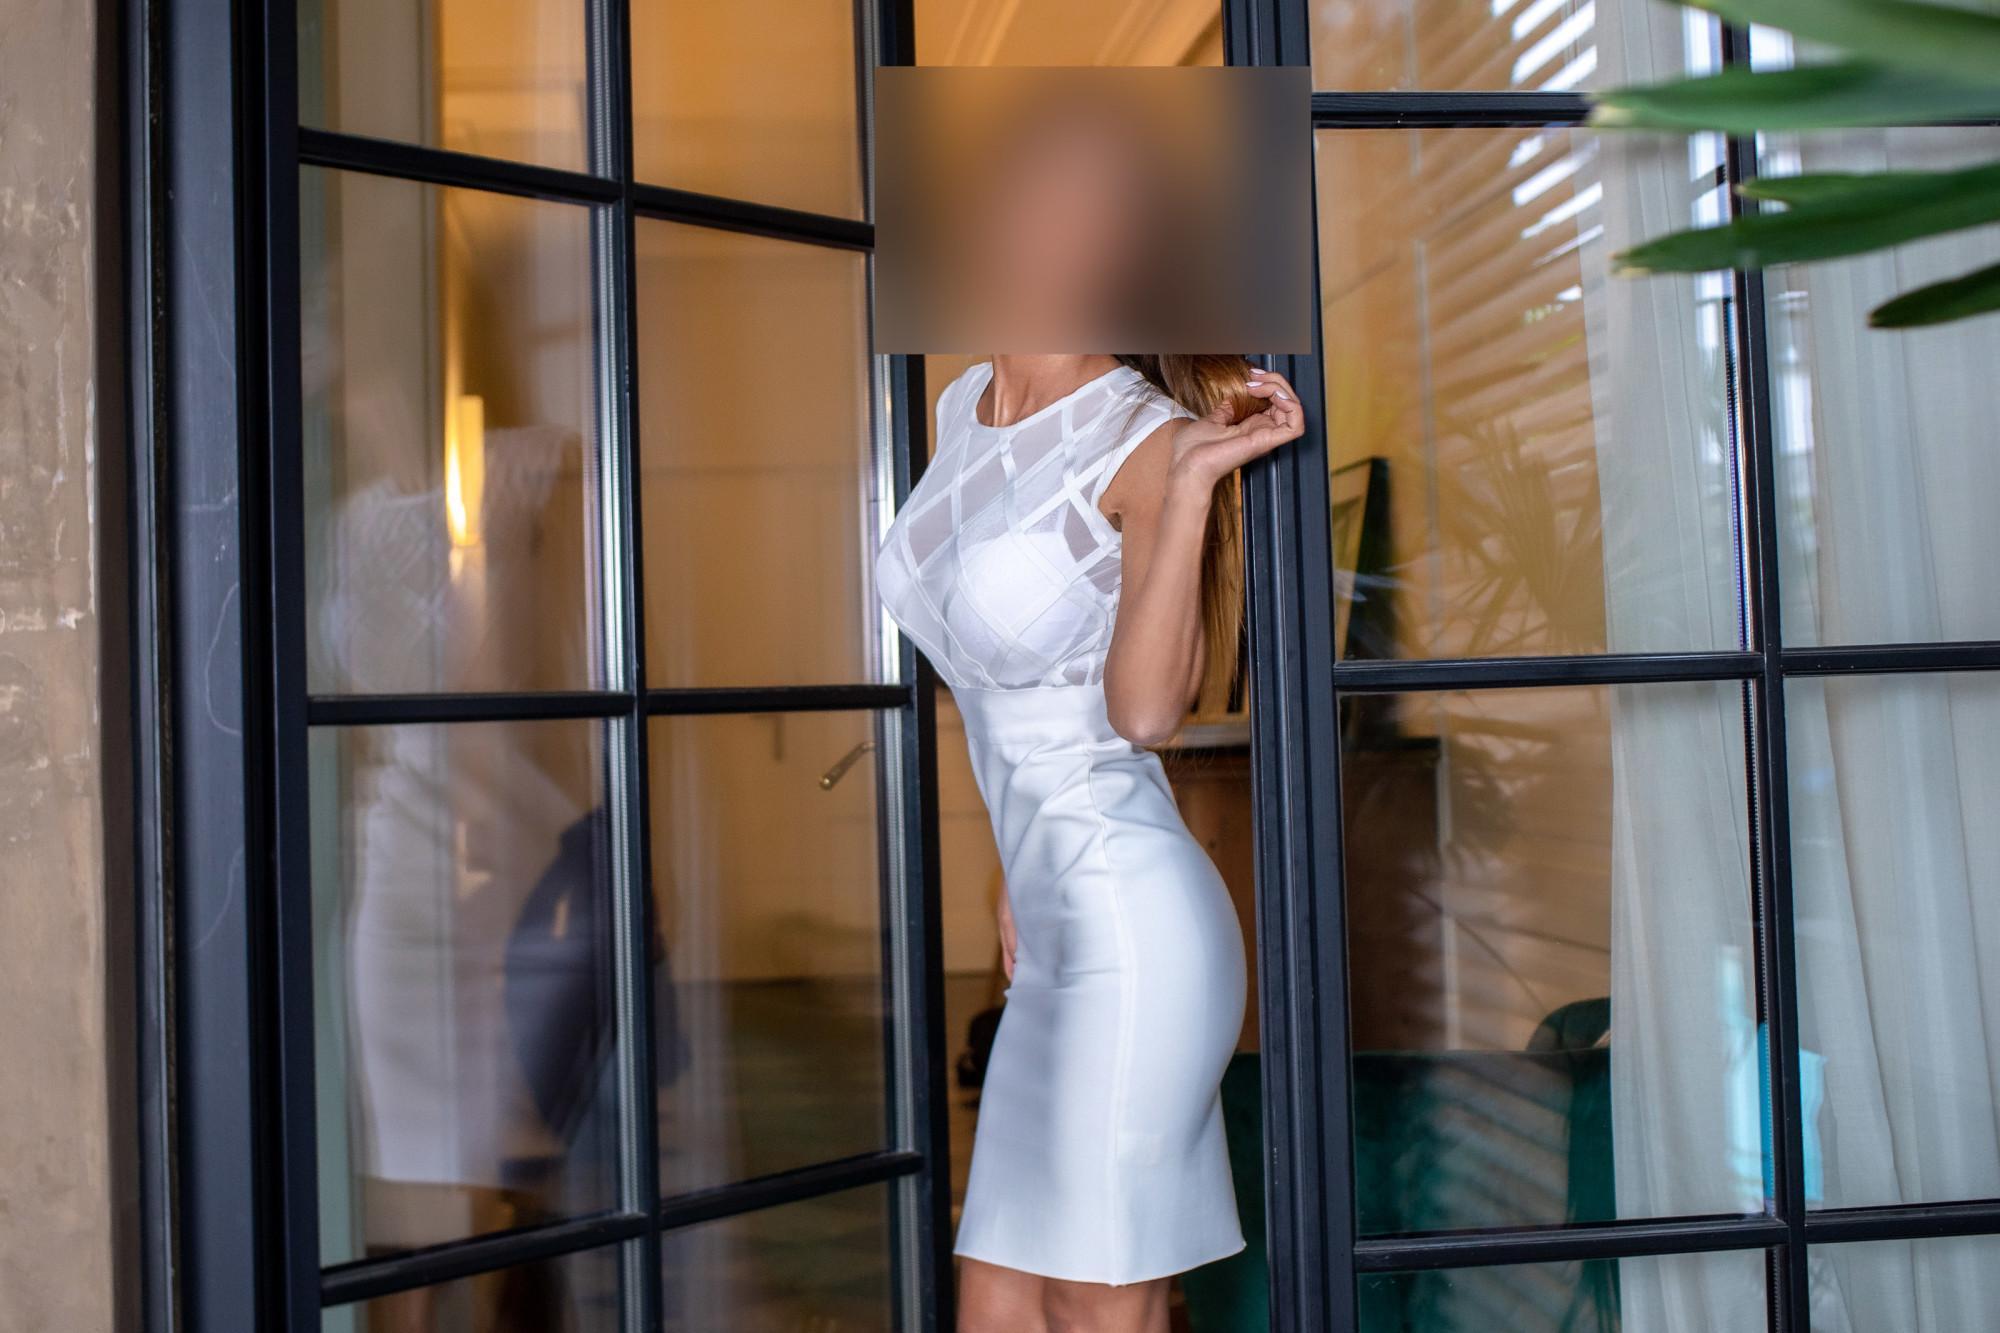 Johanna from Aphrodite Agency